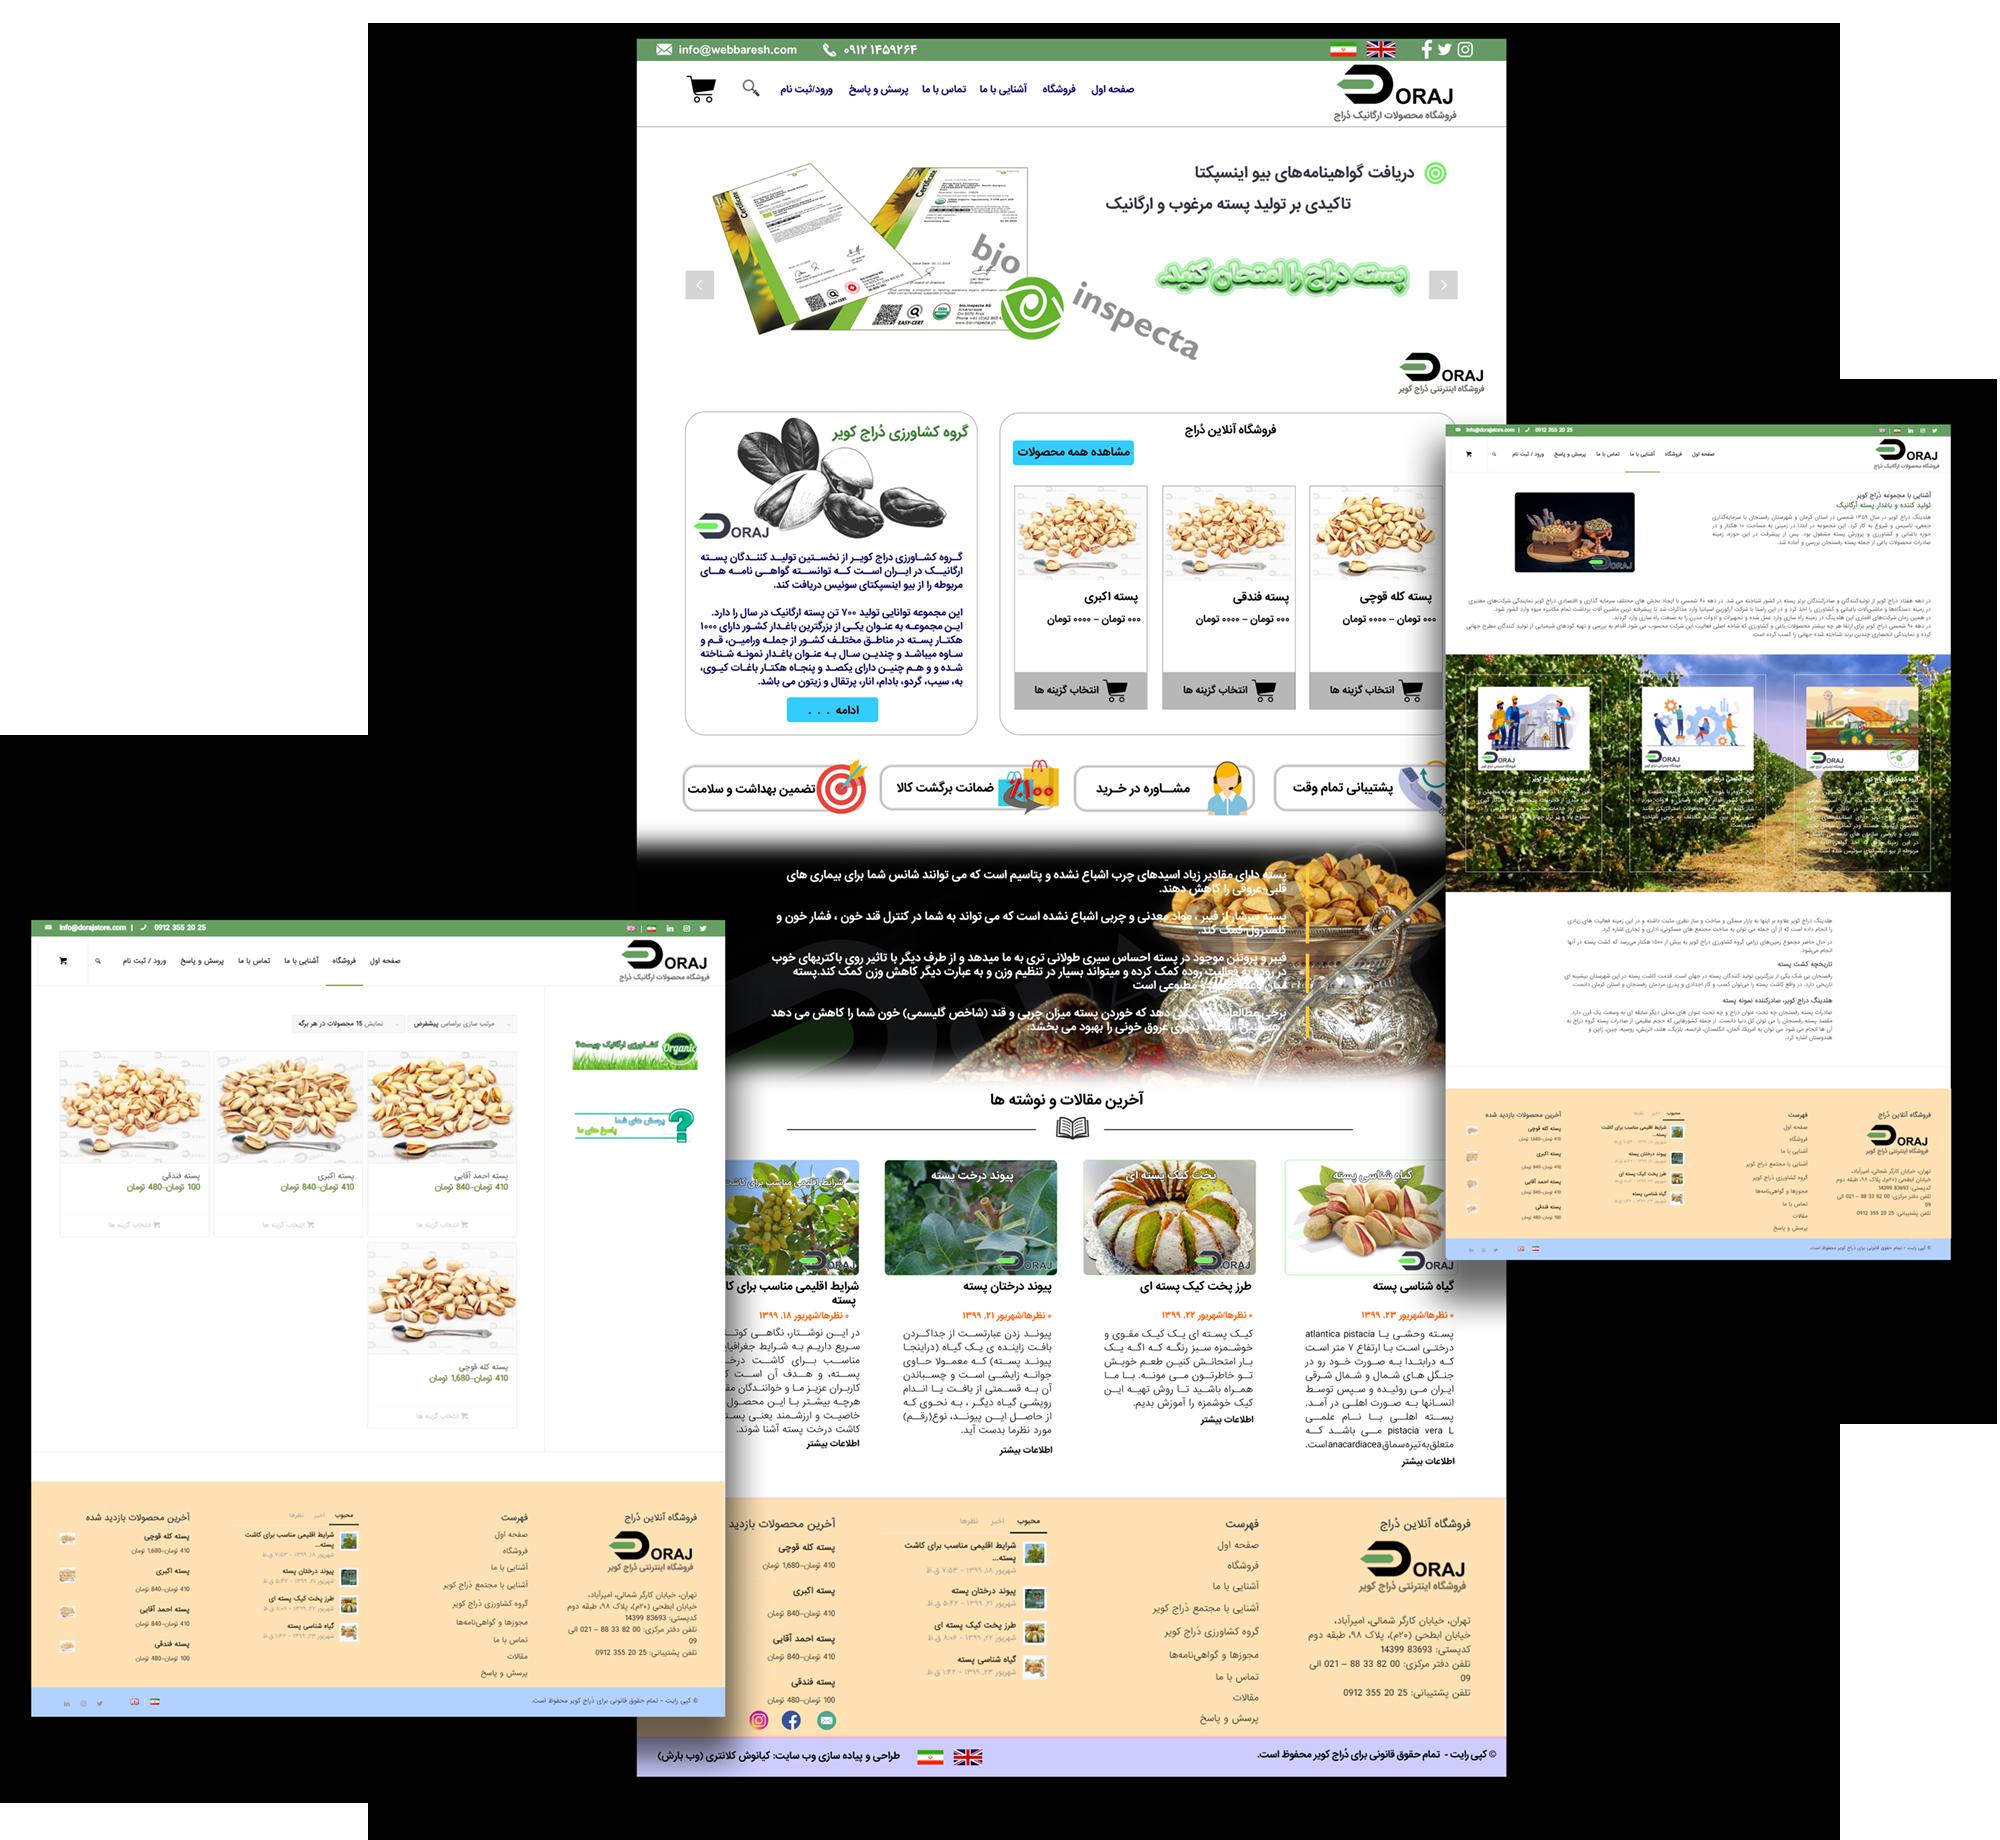 نمونه وب سایت شرکت دراج - فروشگاه آنلاین محصولات ارگانیک -طراحی و پیاده سازی توسط وبسایت وب بارش - کیانوش کلانتری